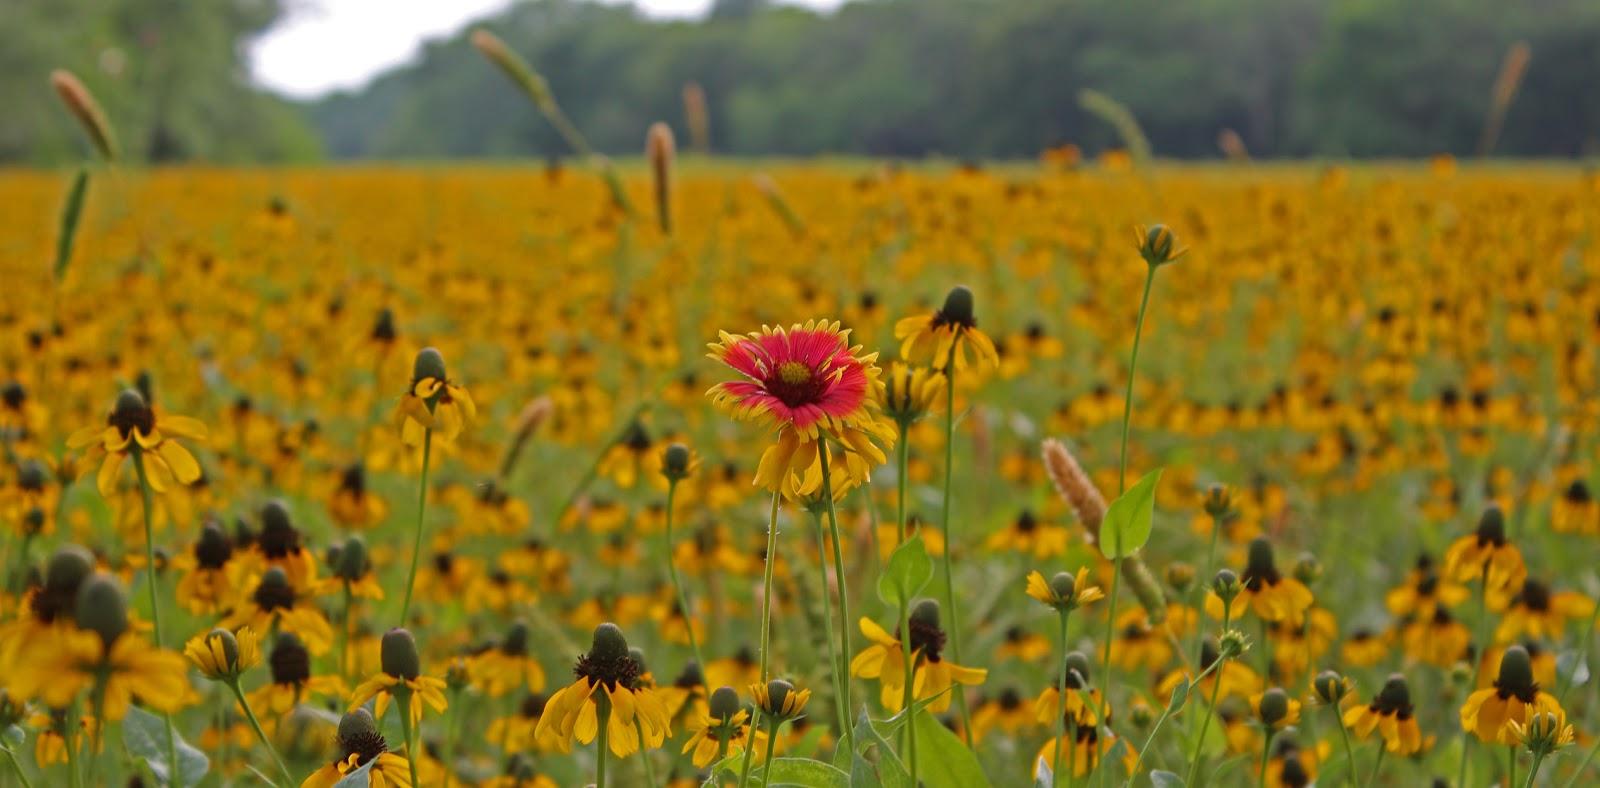 Dallas trinity trails the largest wildflower meadow in dallas the largest wildflower meadow in dallas mightylinksfo